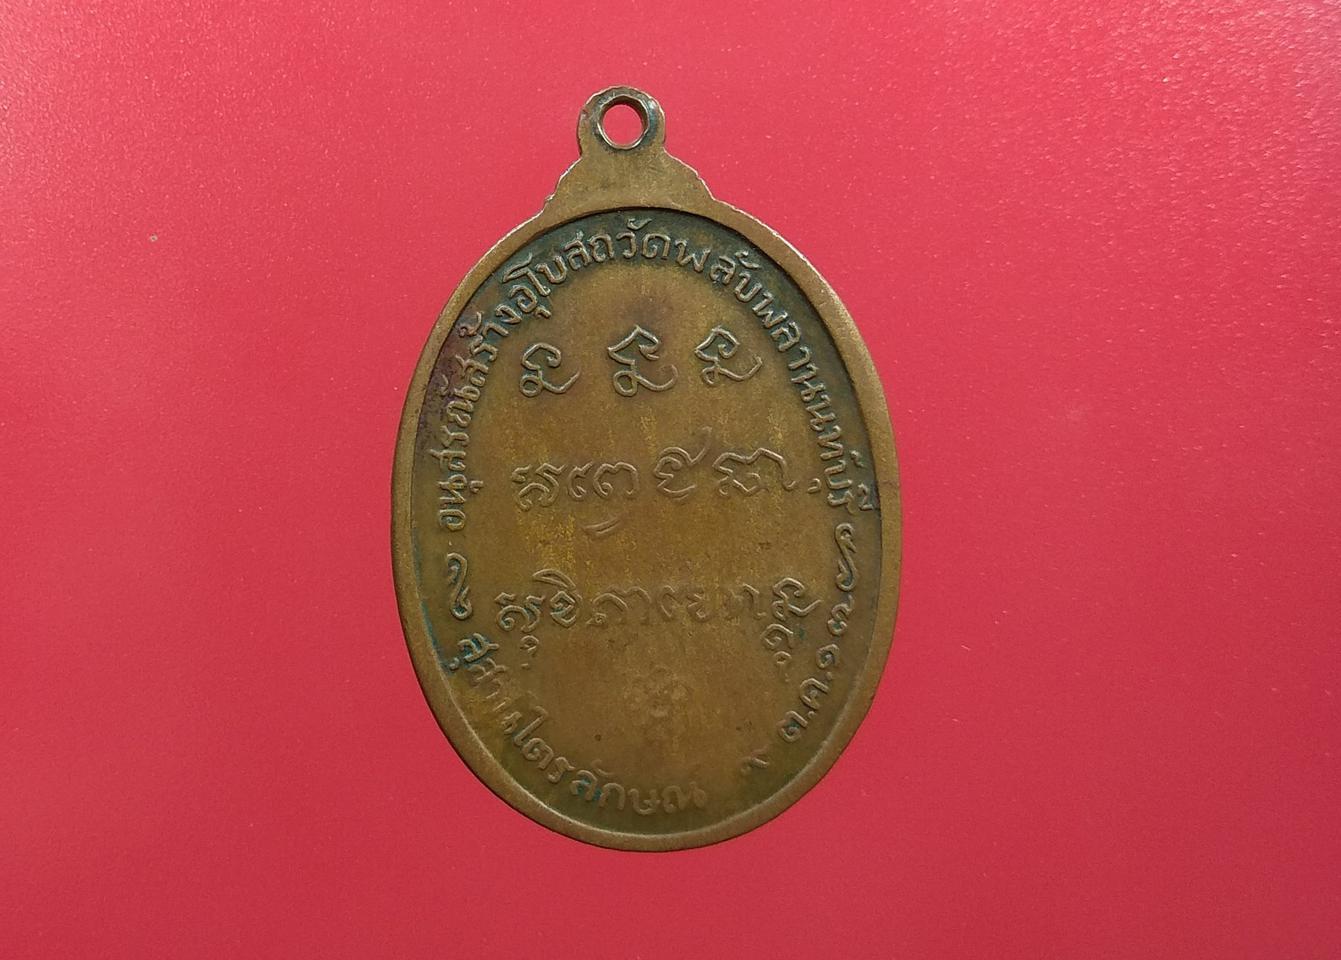 เหรียญหลวงพ่อเกษม ออกวัดพลับพลา เนื้อทองแดง ปี2517 รูปที่ 4